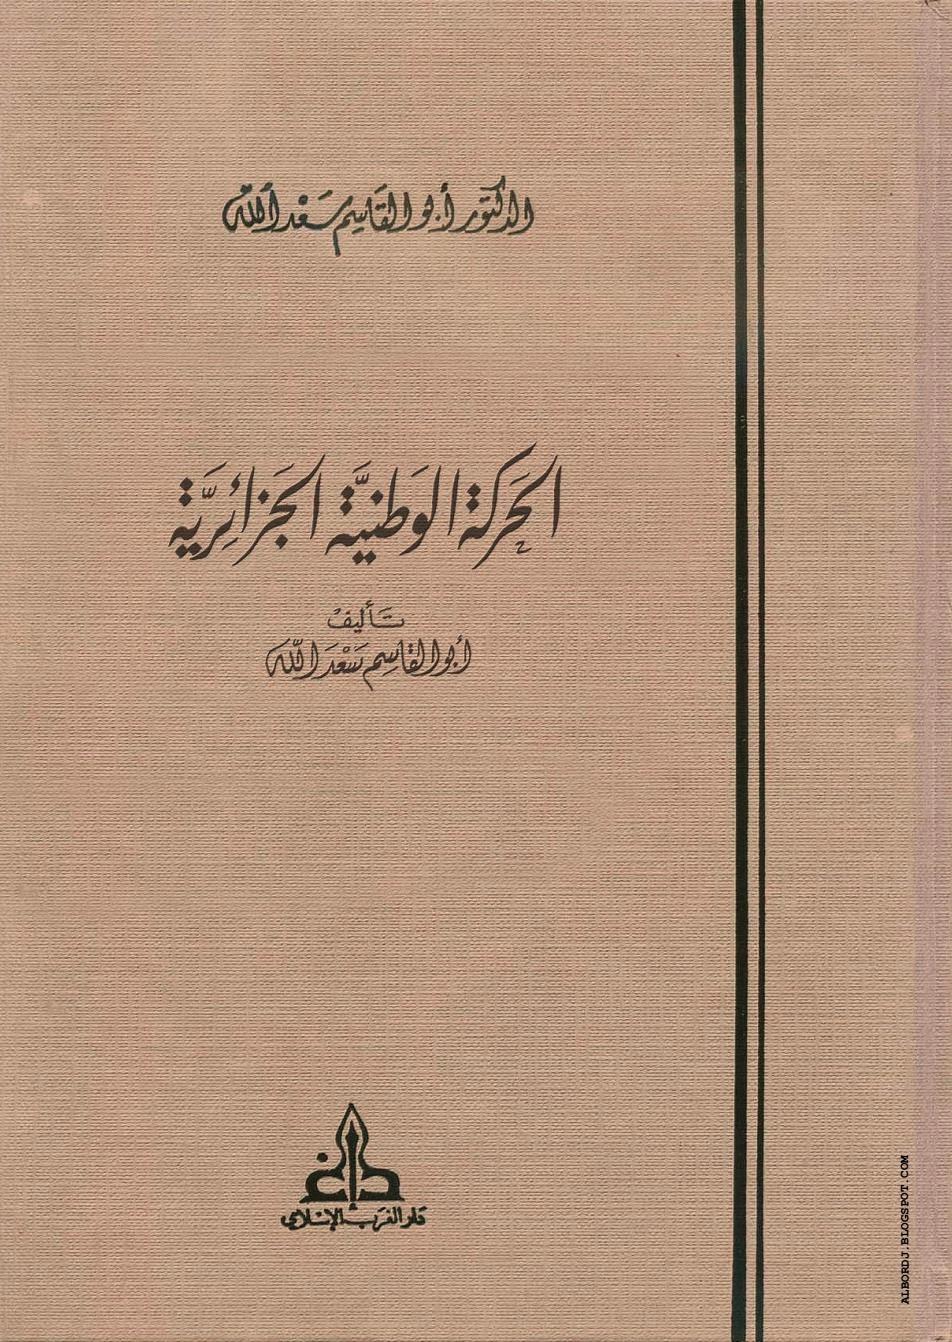 تحميل كتاب الحركة الوطنية الجزائرية الجزء الاول pdf تأليف ابو القاسم سعد الله مجاناً | تحميل كتب pdf